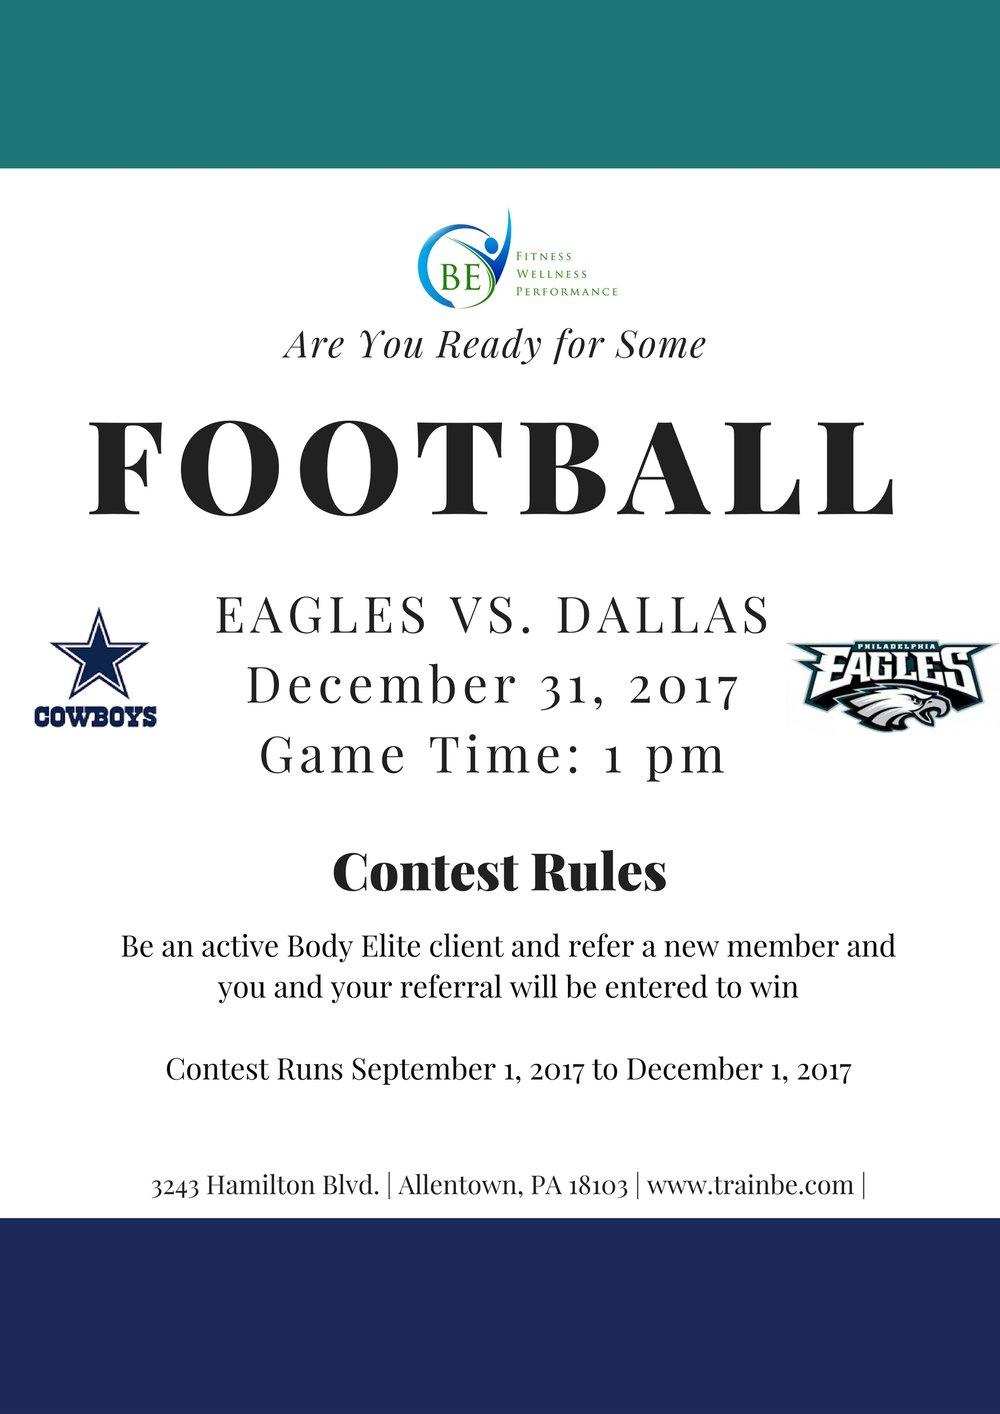 Eagles Promotion.jpg